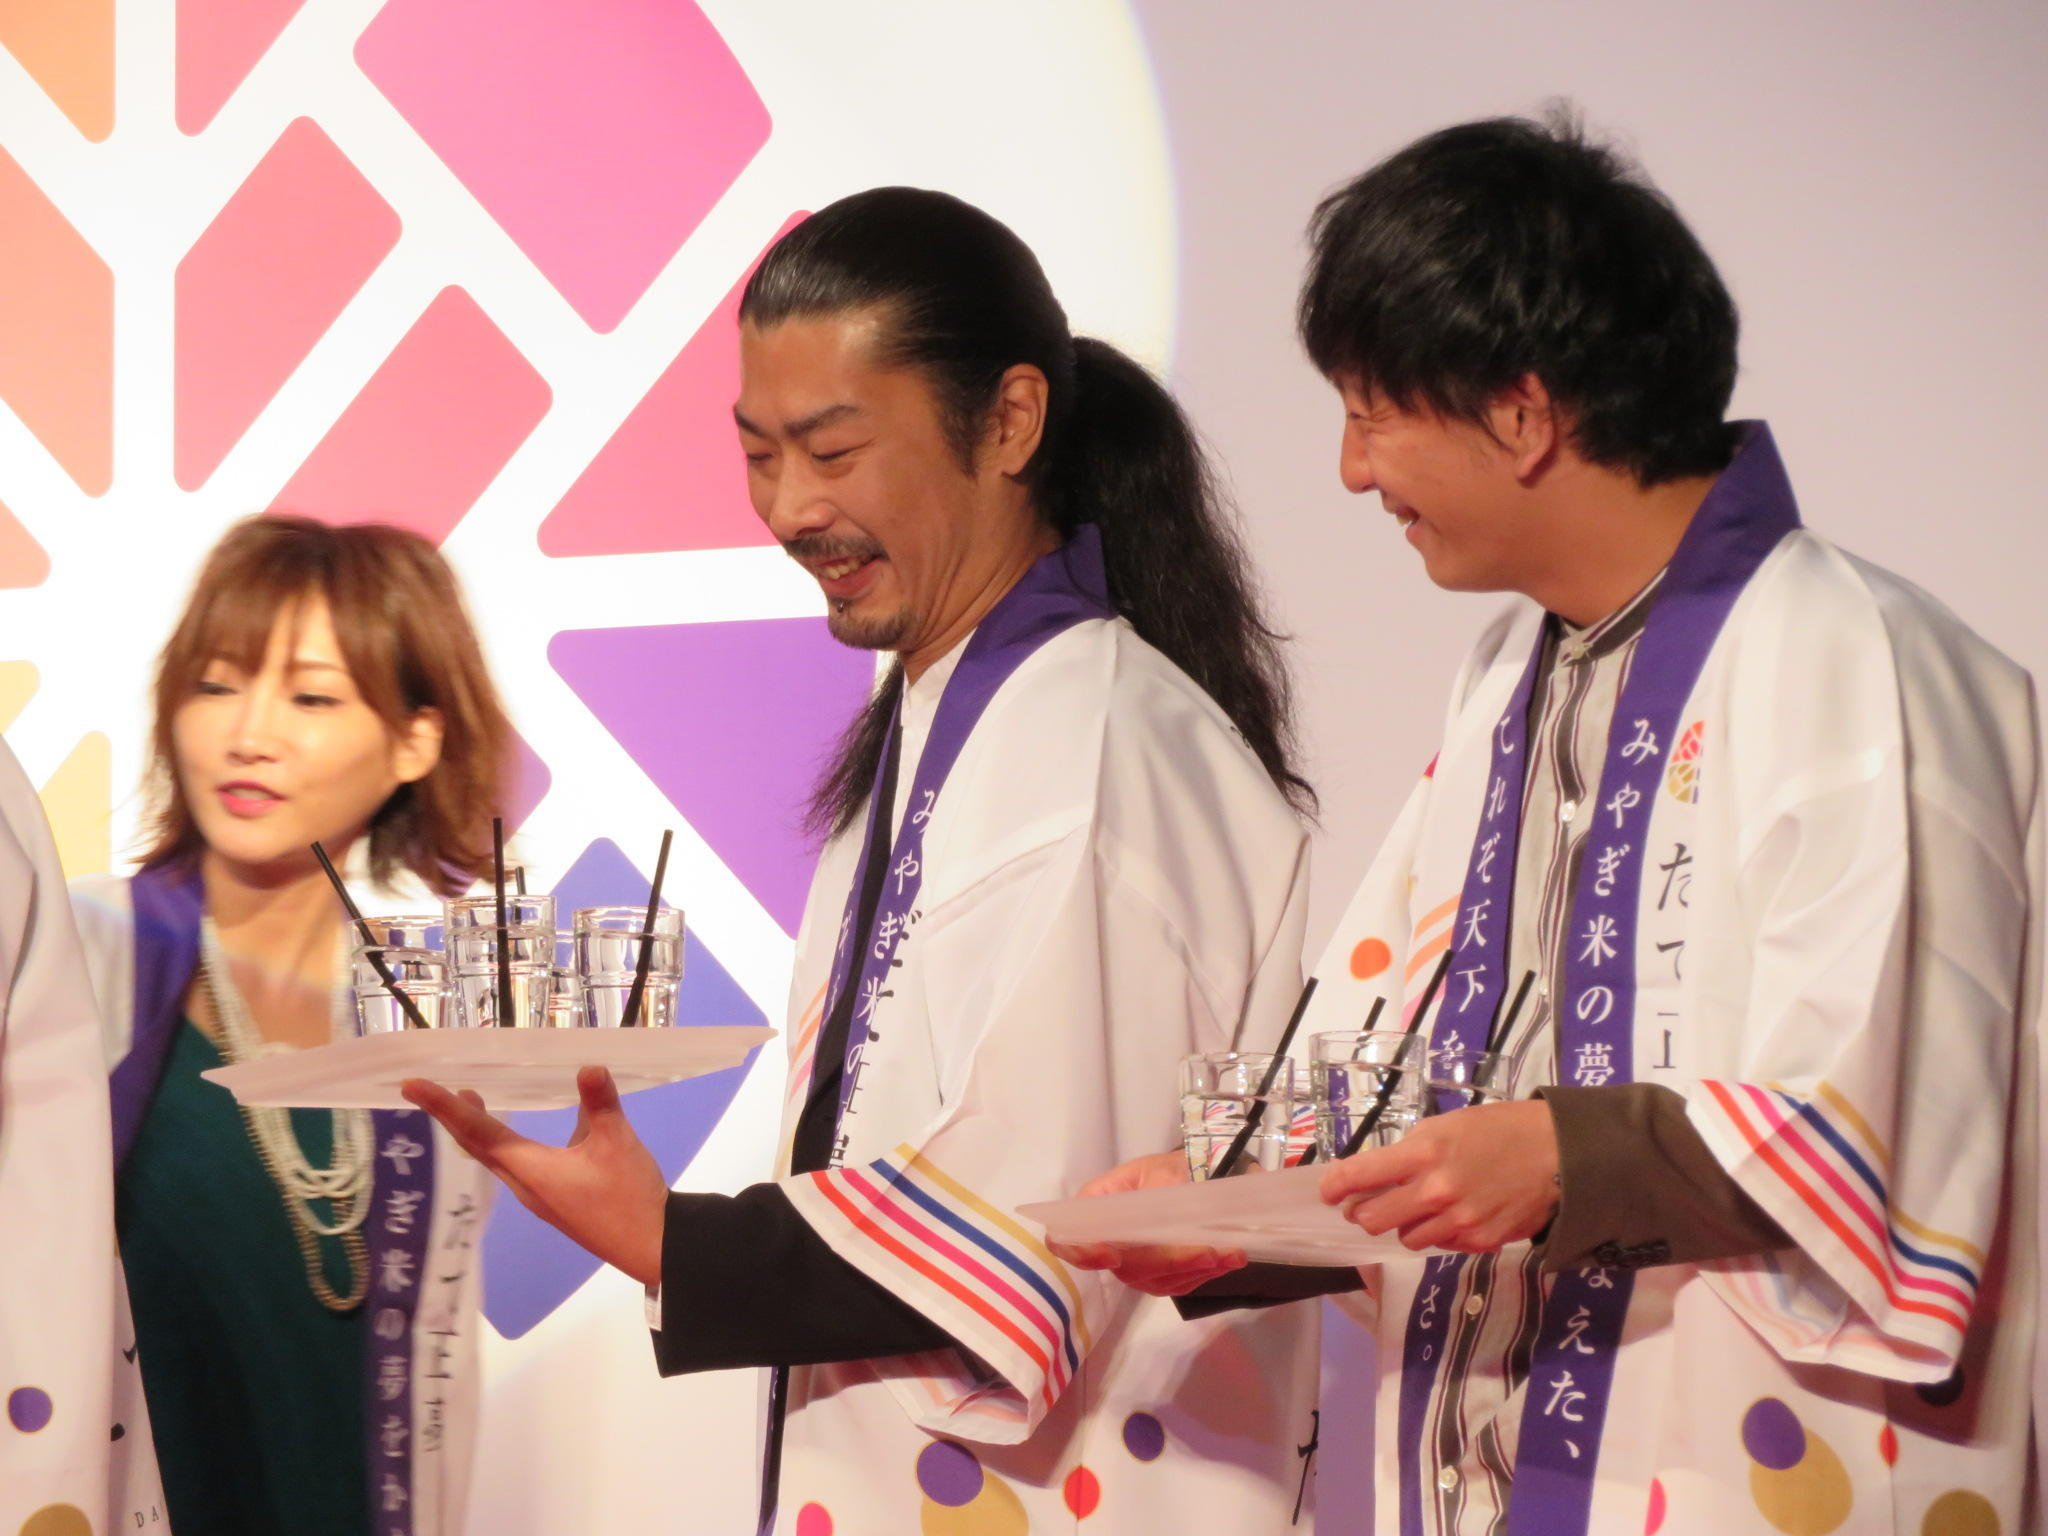 http://news.yoshimoto.co.jp/20181024000708-004a62864da0b7e22440ef67b0ad92d414c105e1.jpg